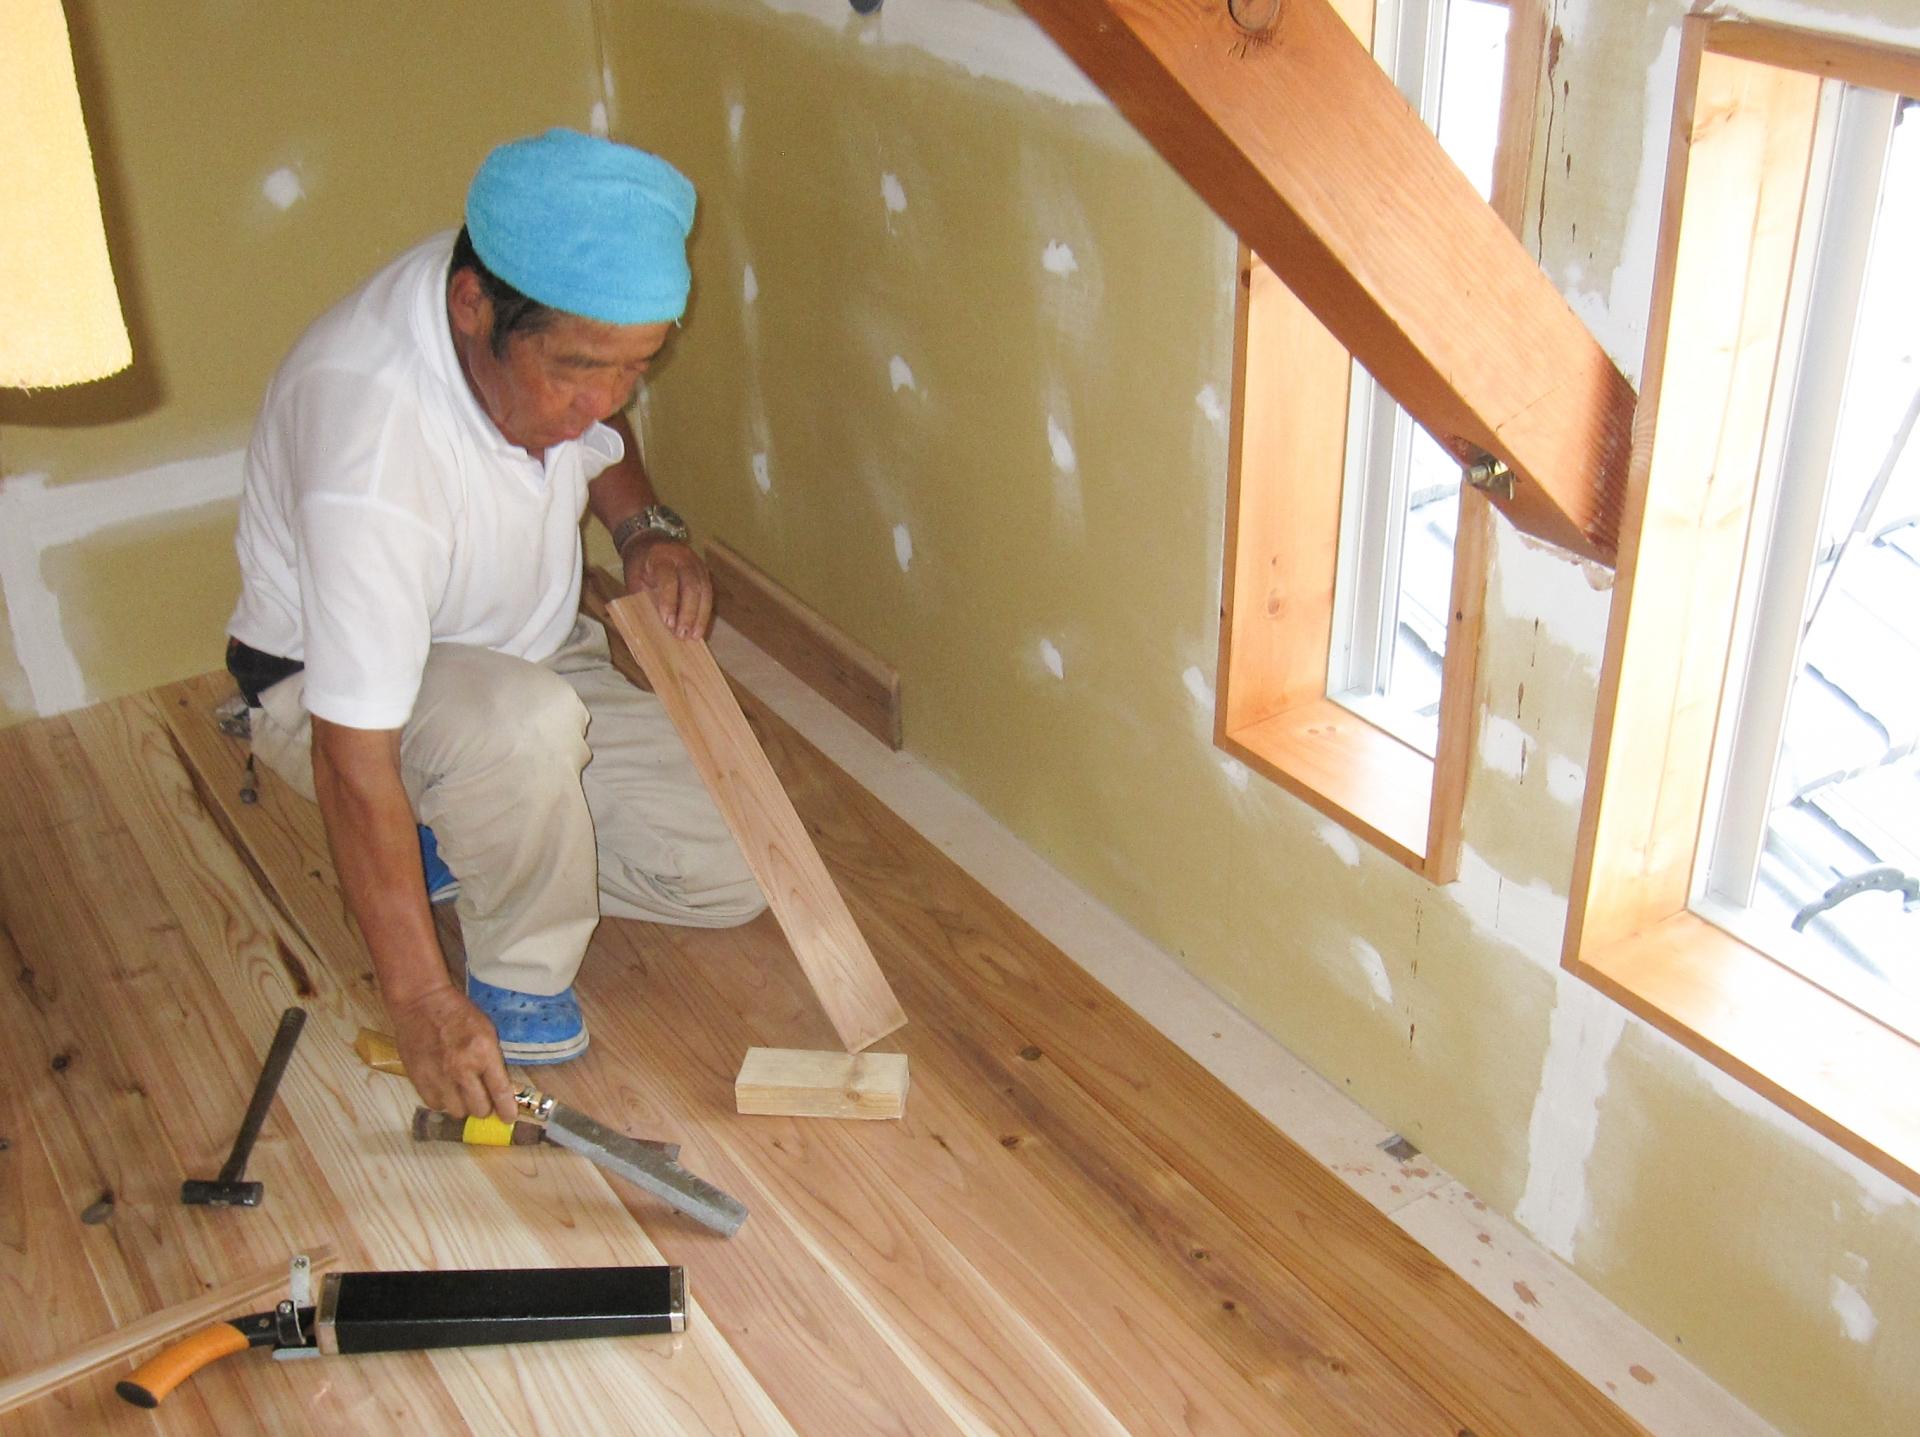 石膏ボードに木工ボンドを使うのはアリ?石膏ボードの接着をするには